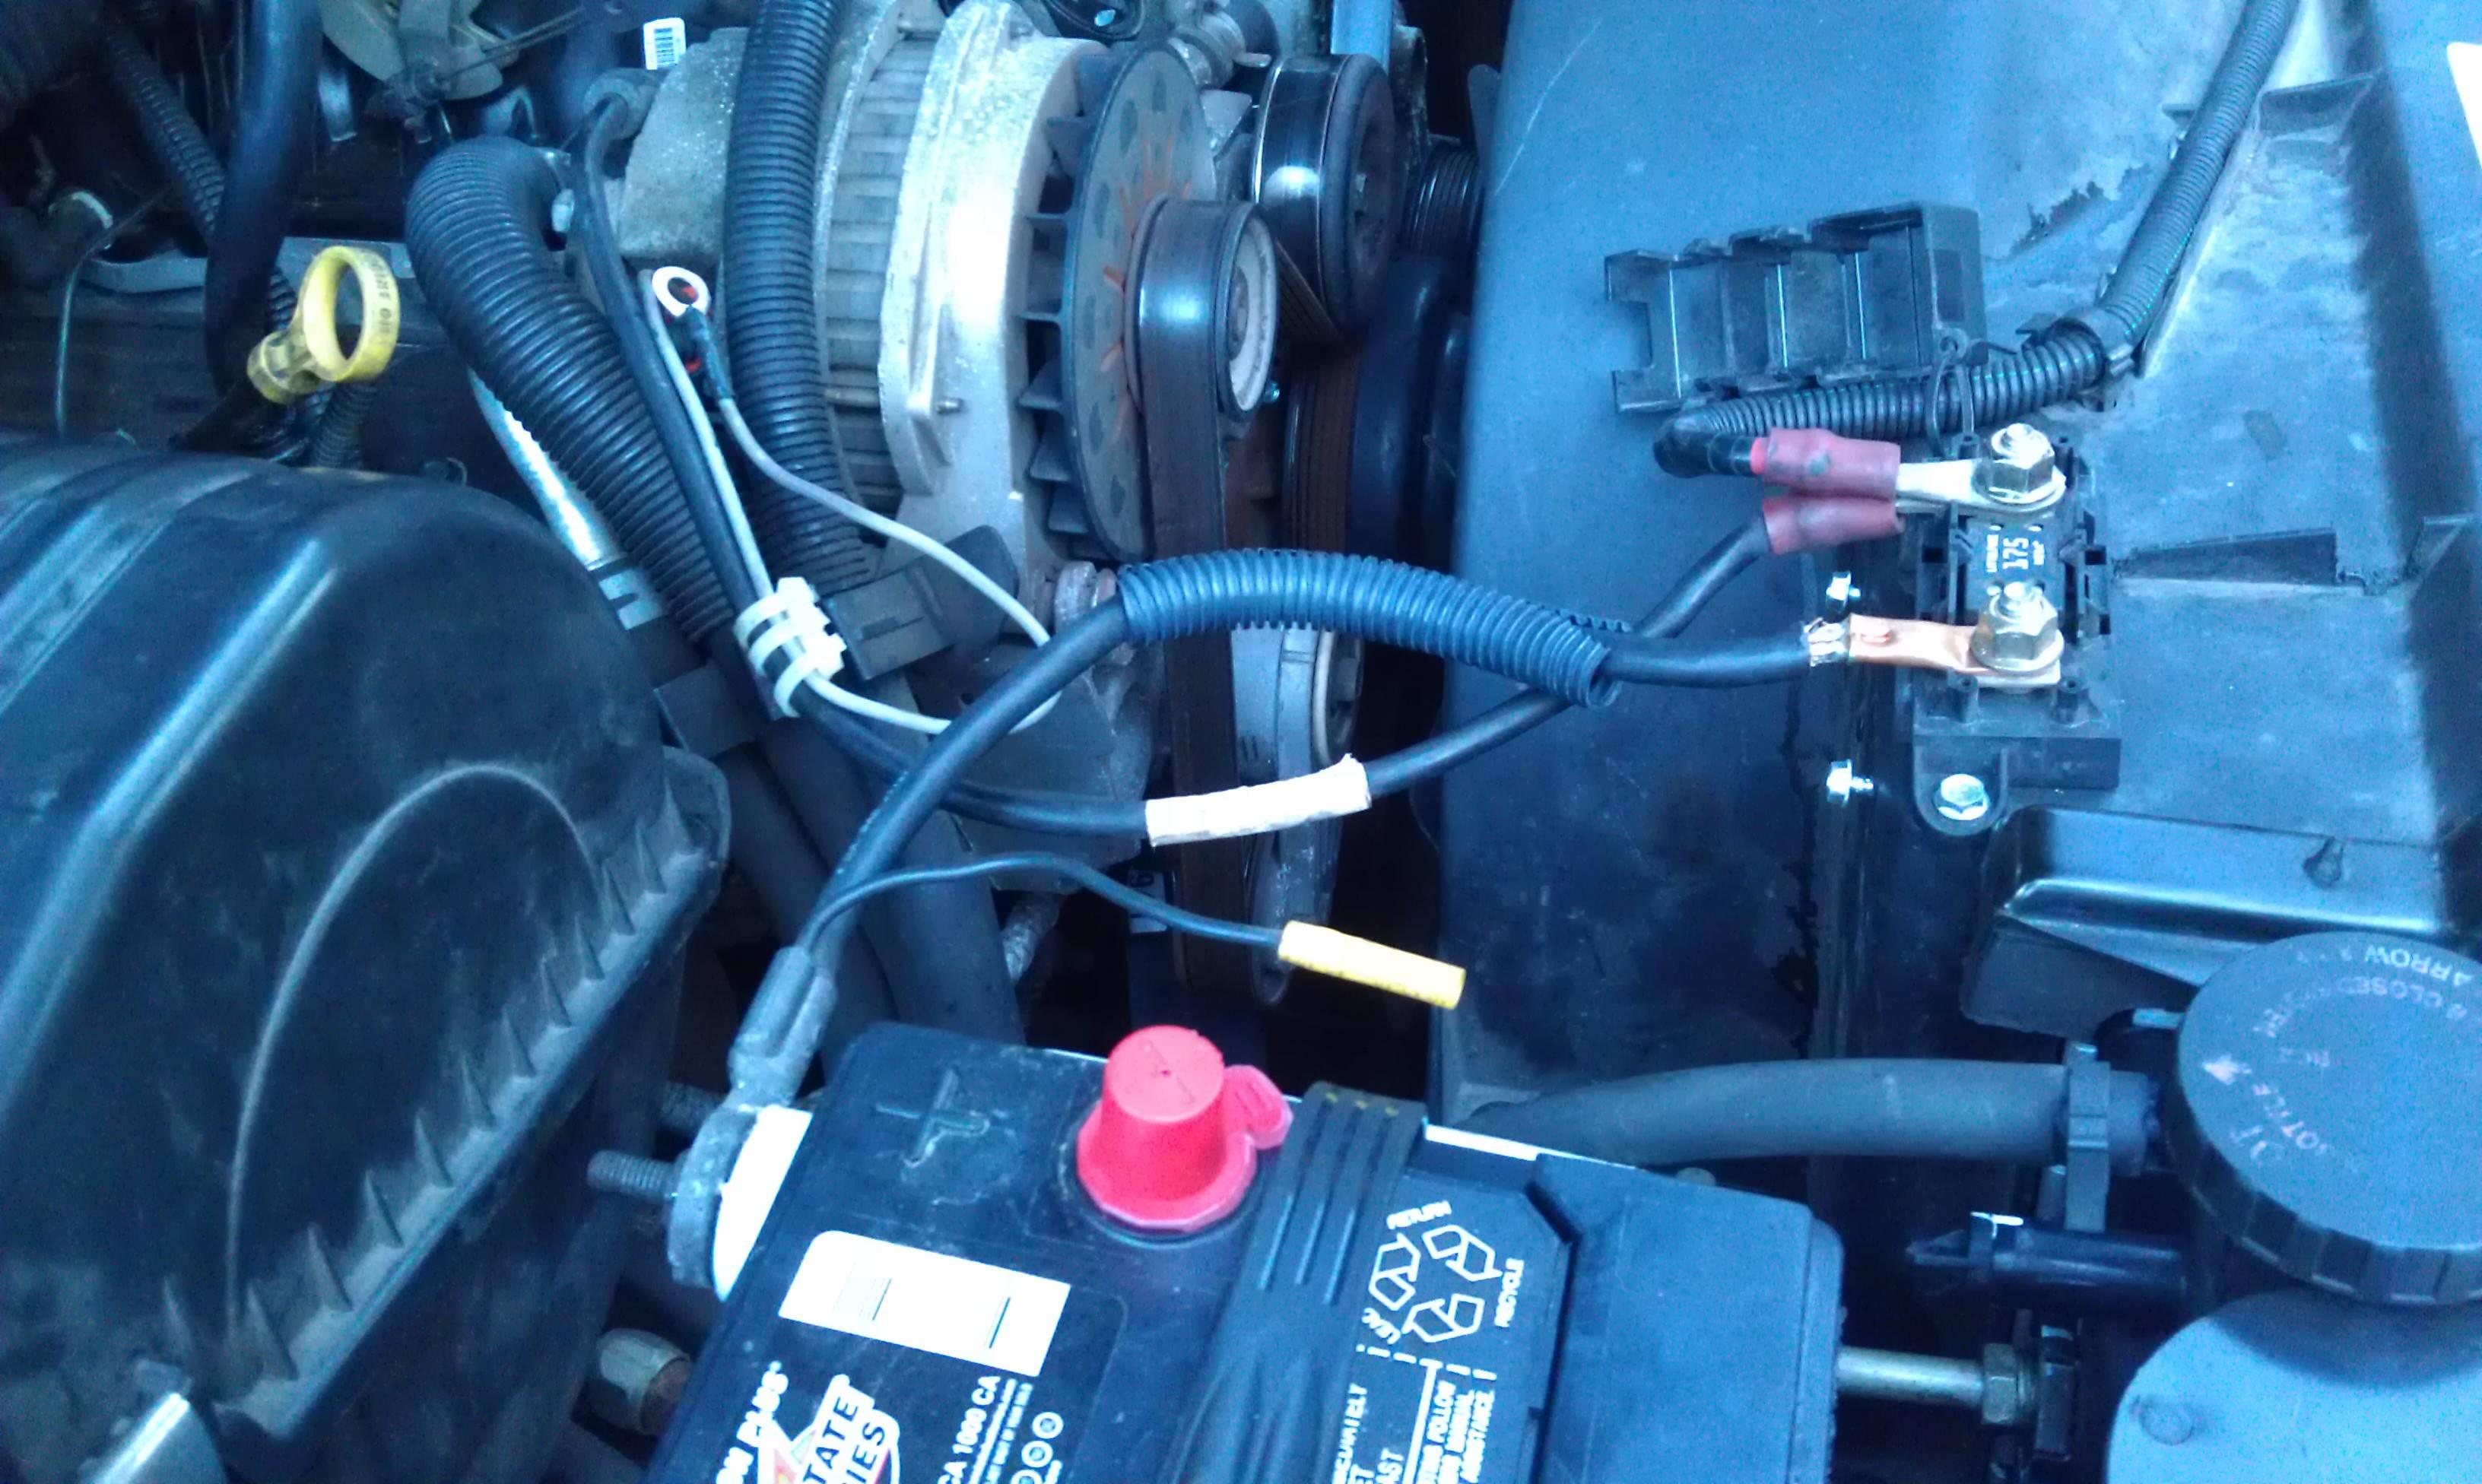 1994 gmc k1500 5 7 starter wiring diagram 1994 gmc sierra 1500 fuel pump wiring diagram